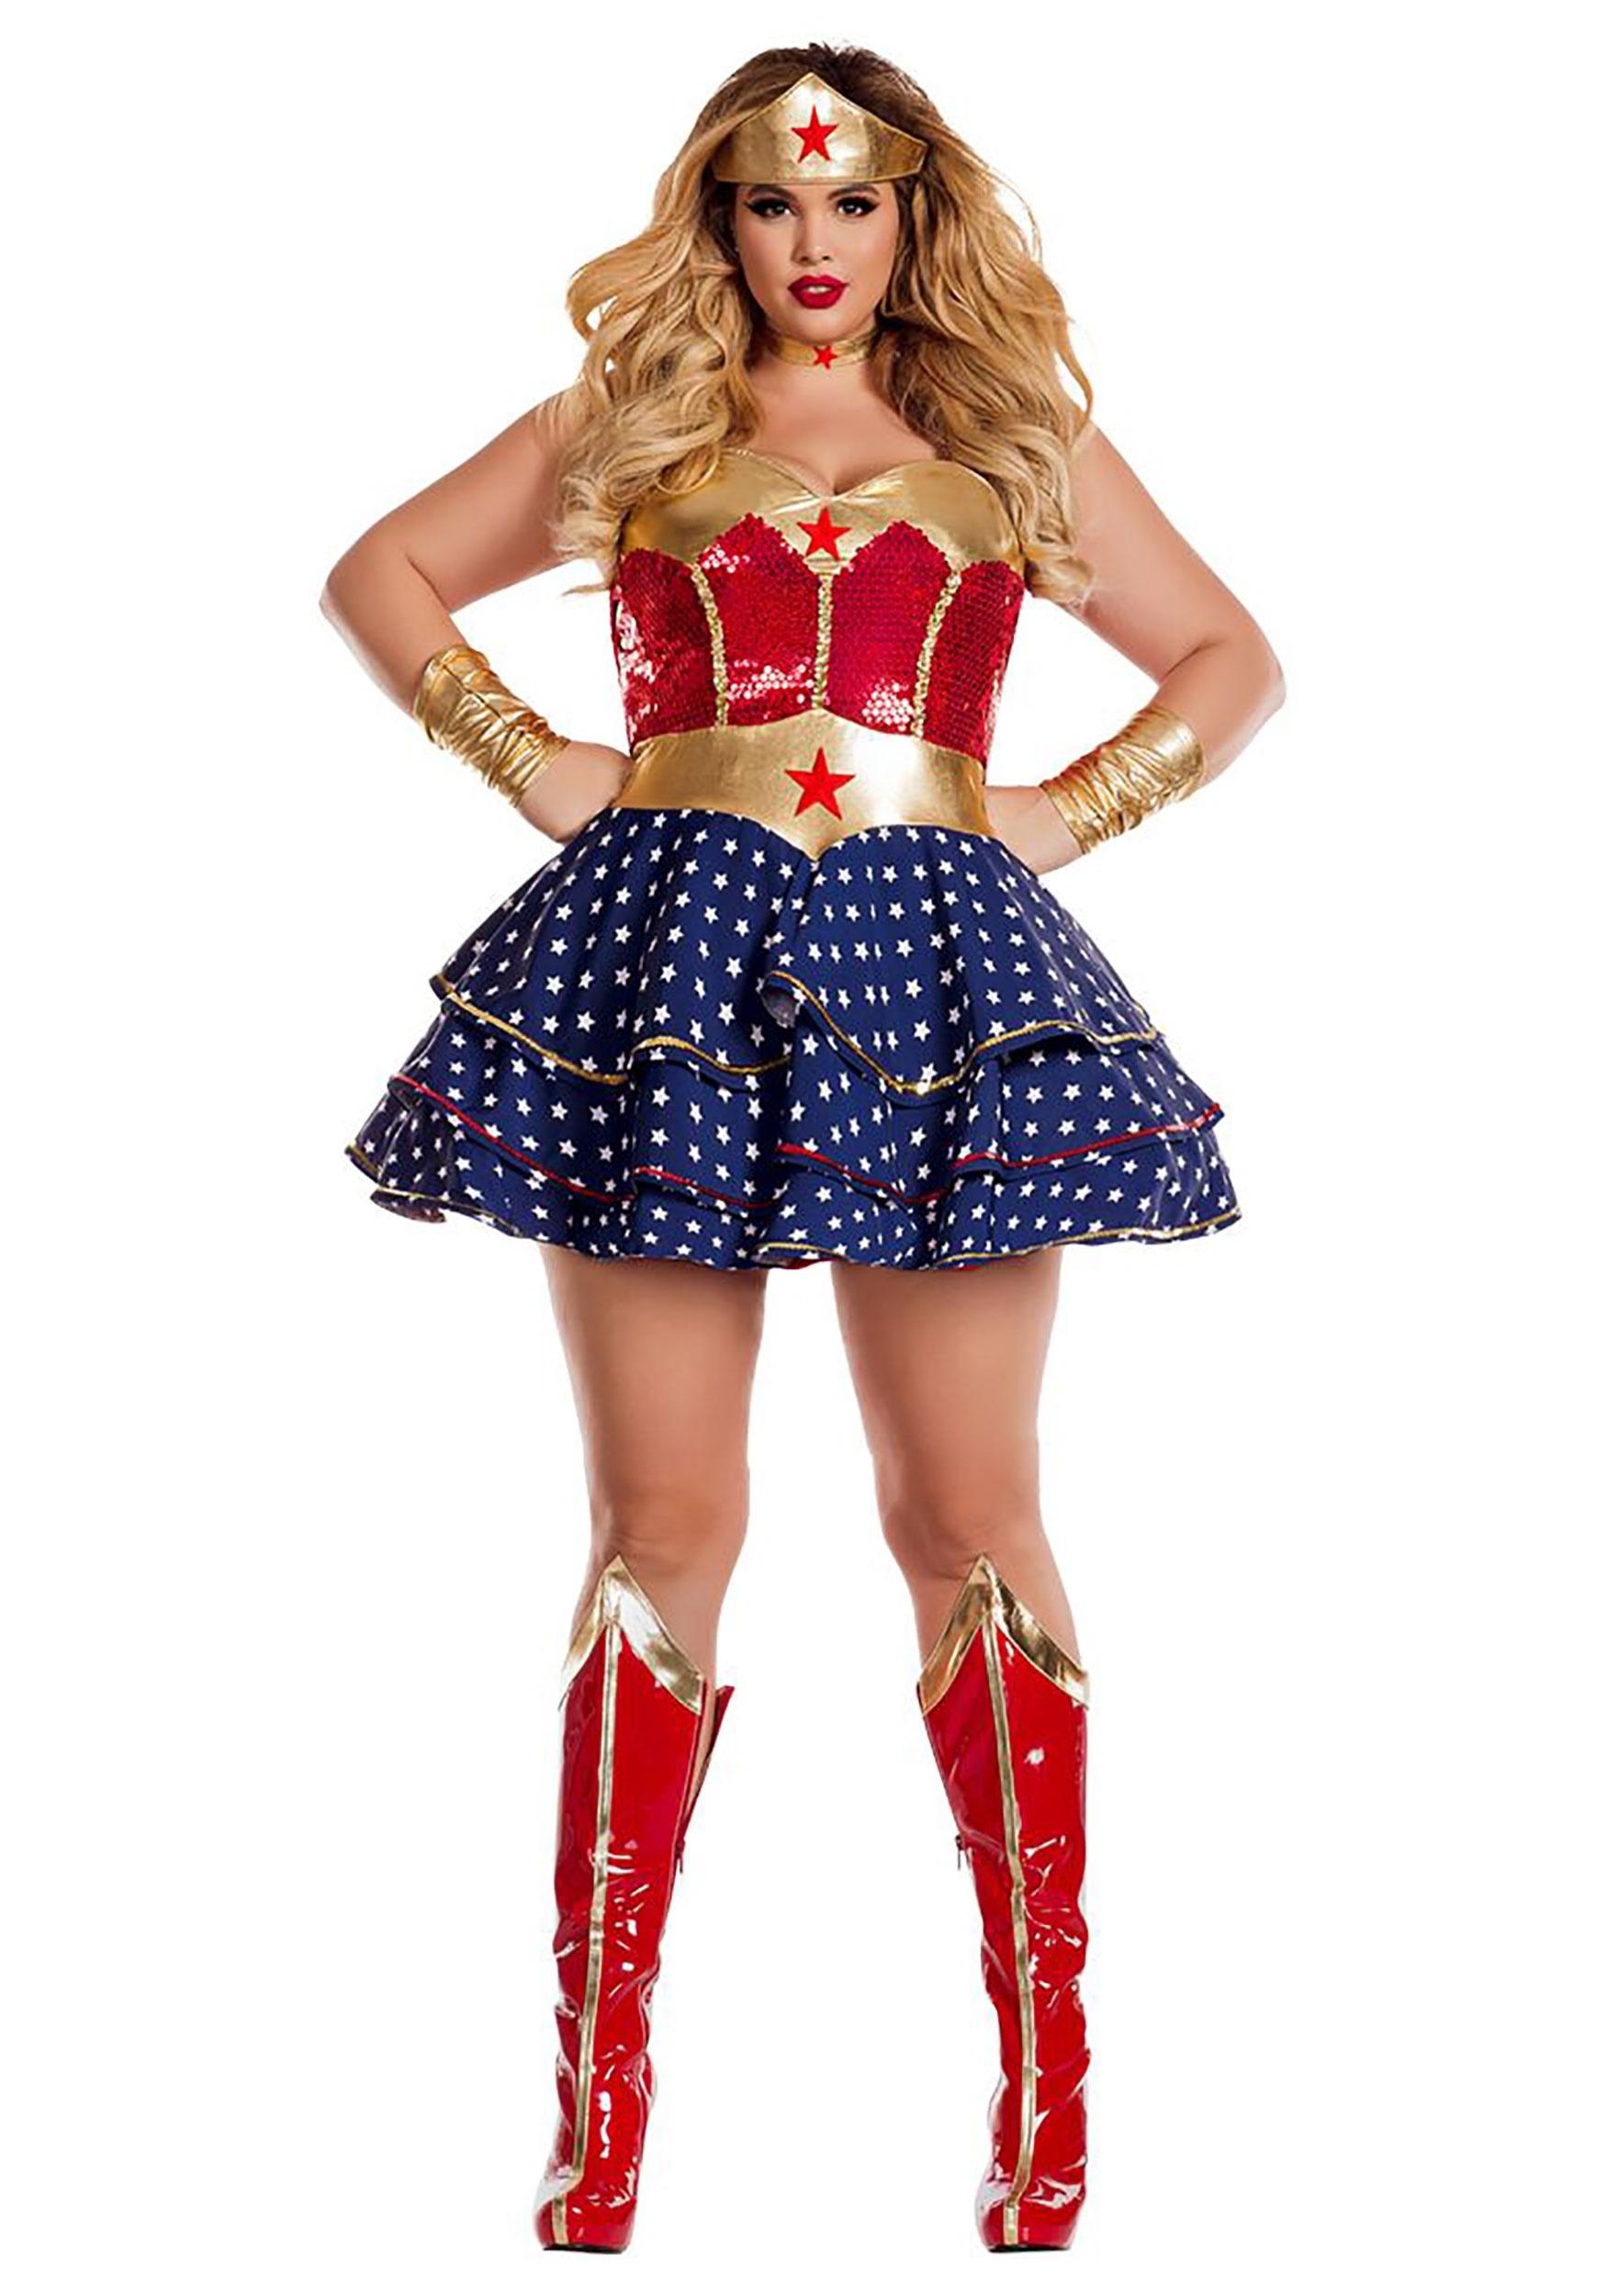 Adult Superhero Costumes